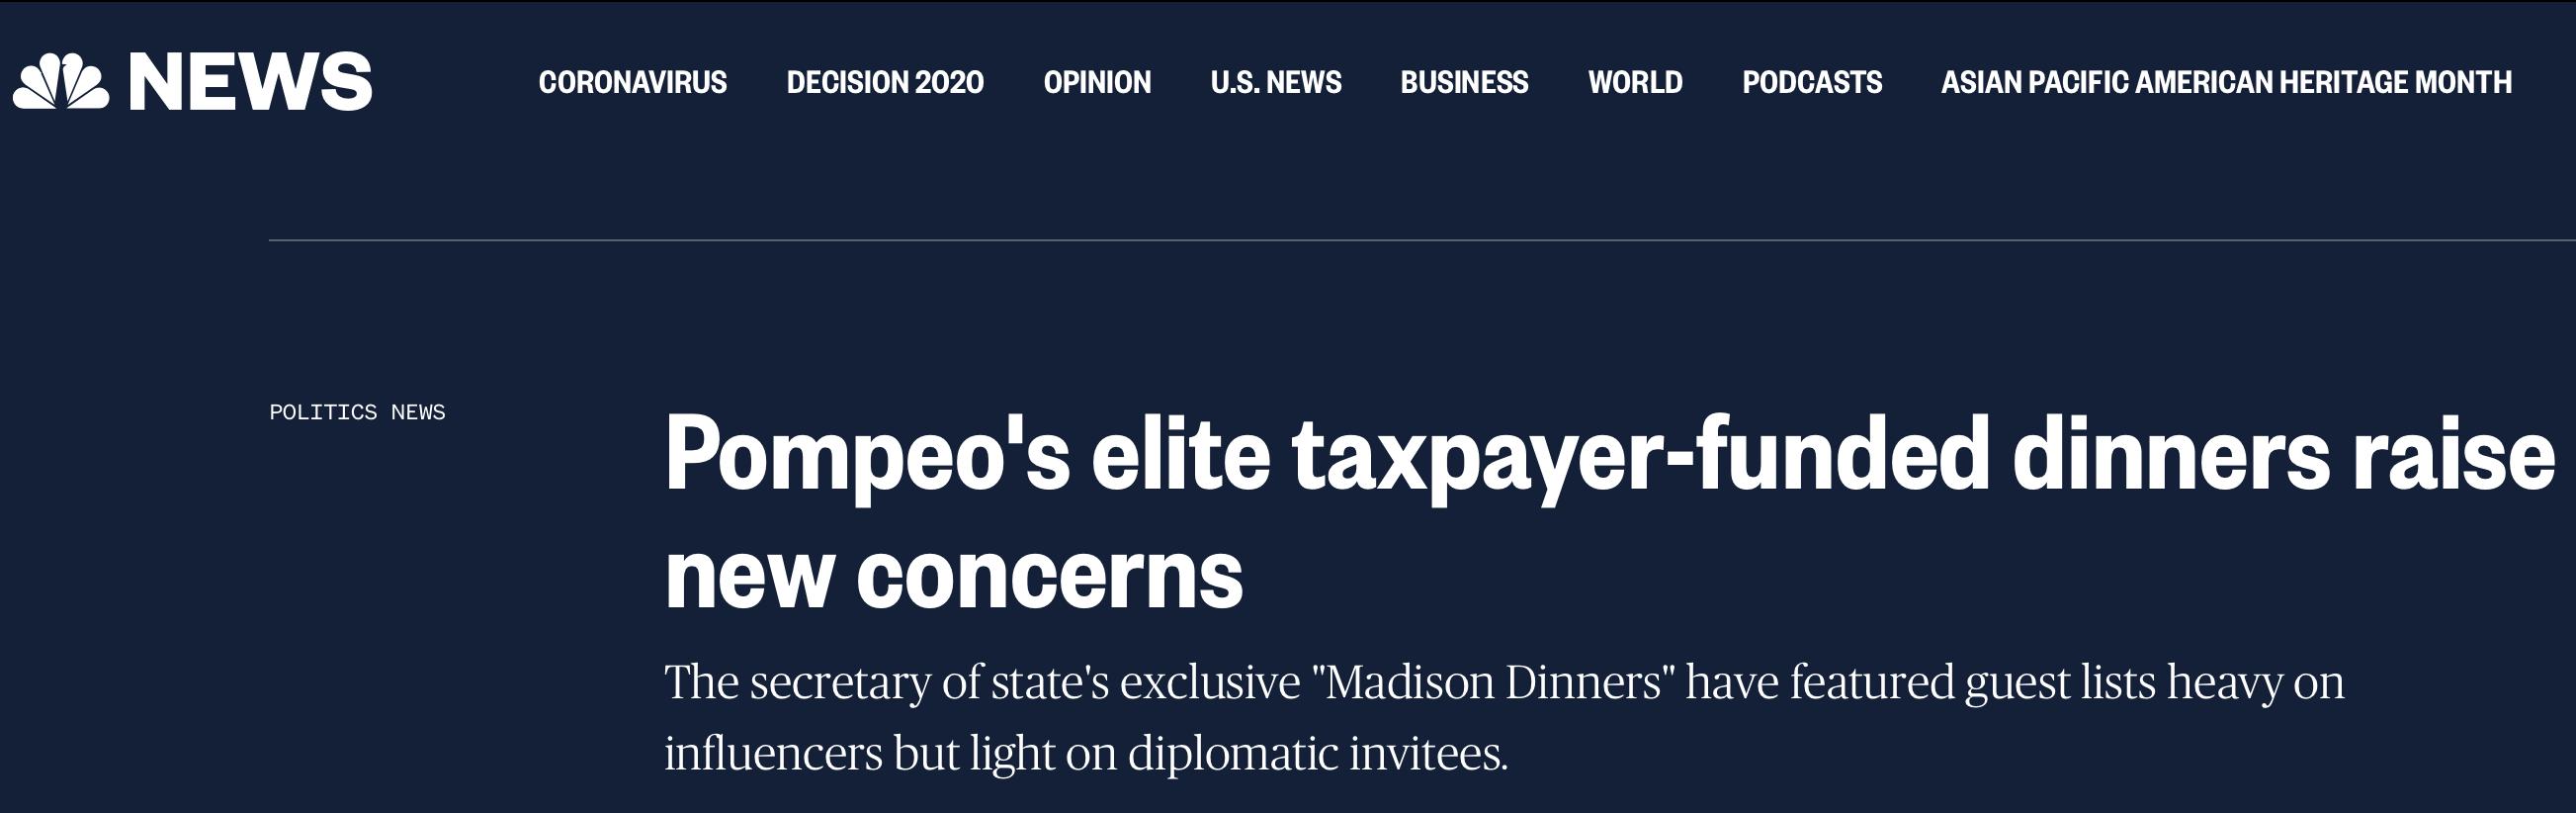 蓬佩奥被曝多次用公款举办晚宴 美国会已进行调查